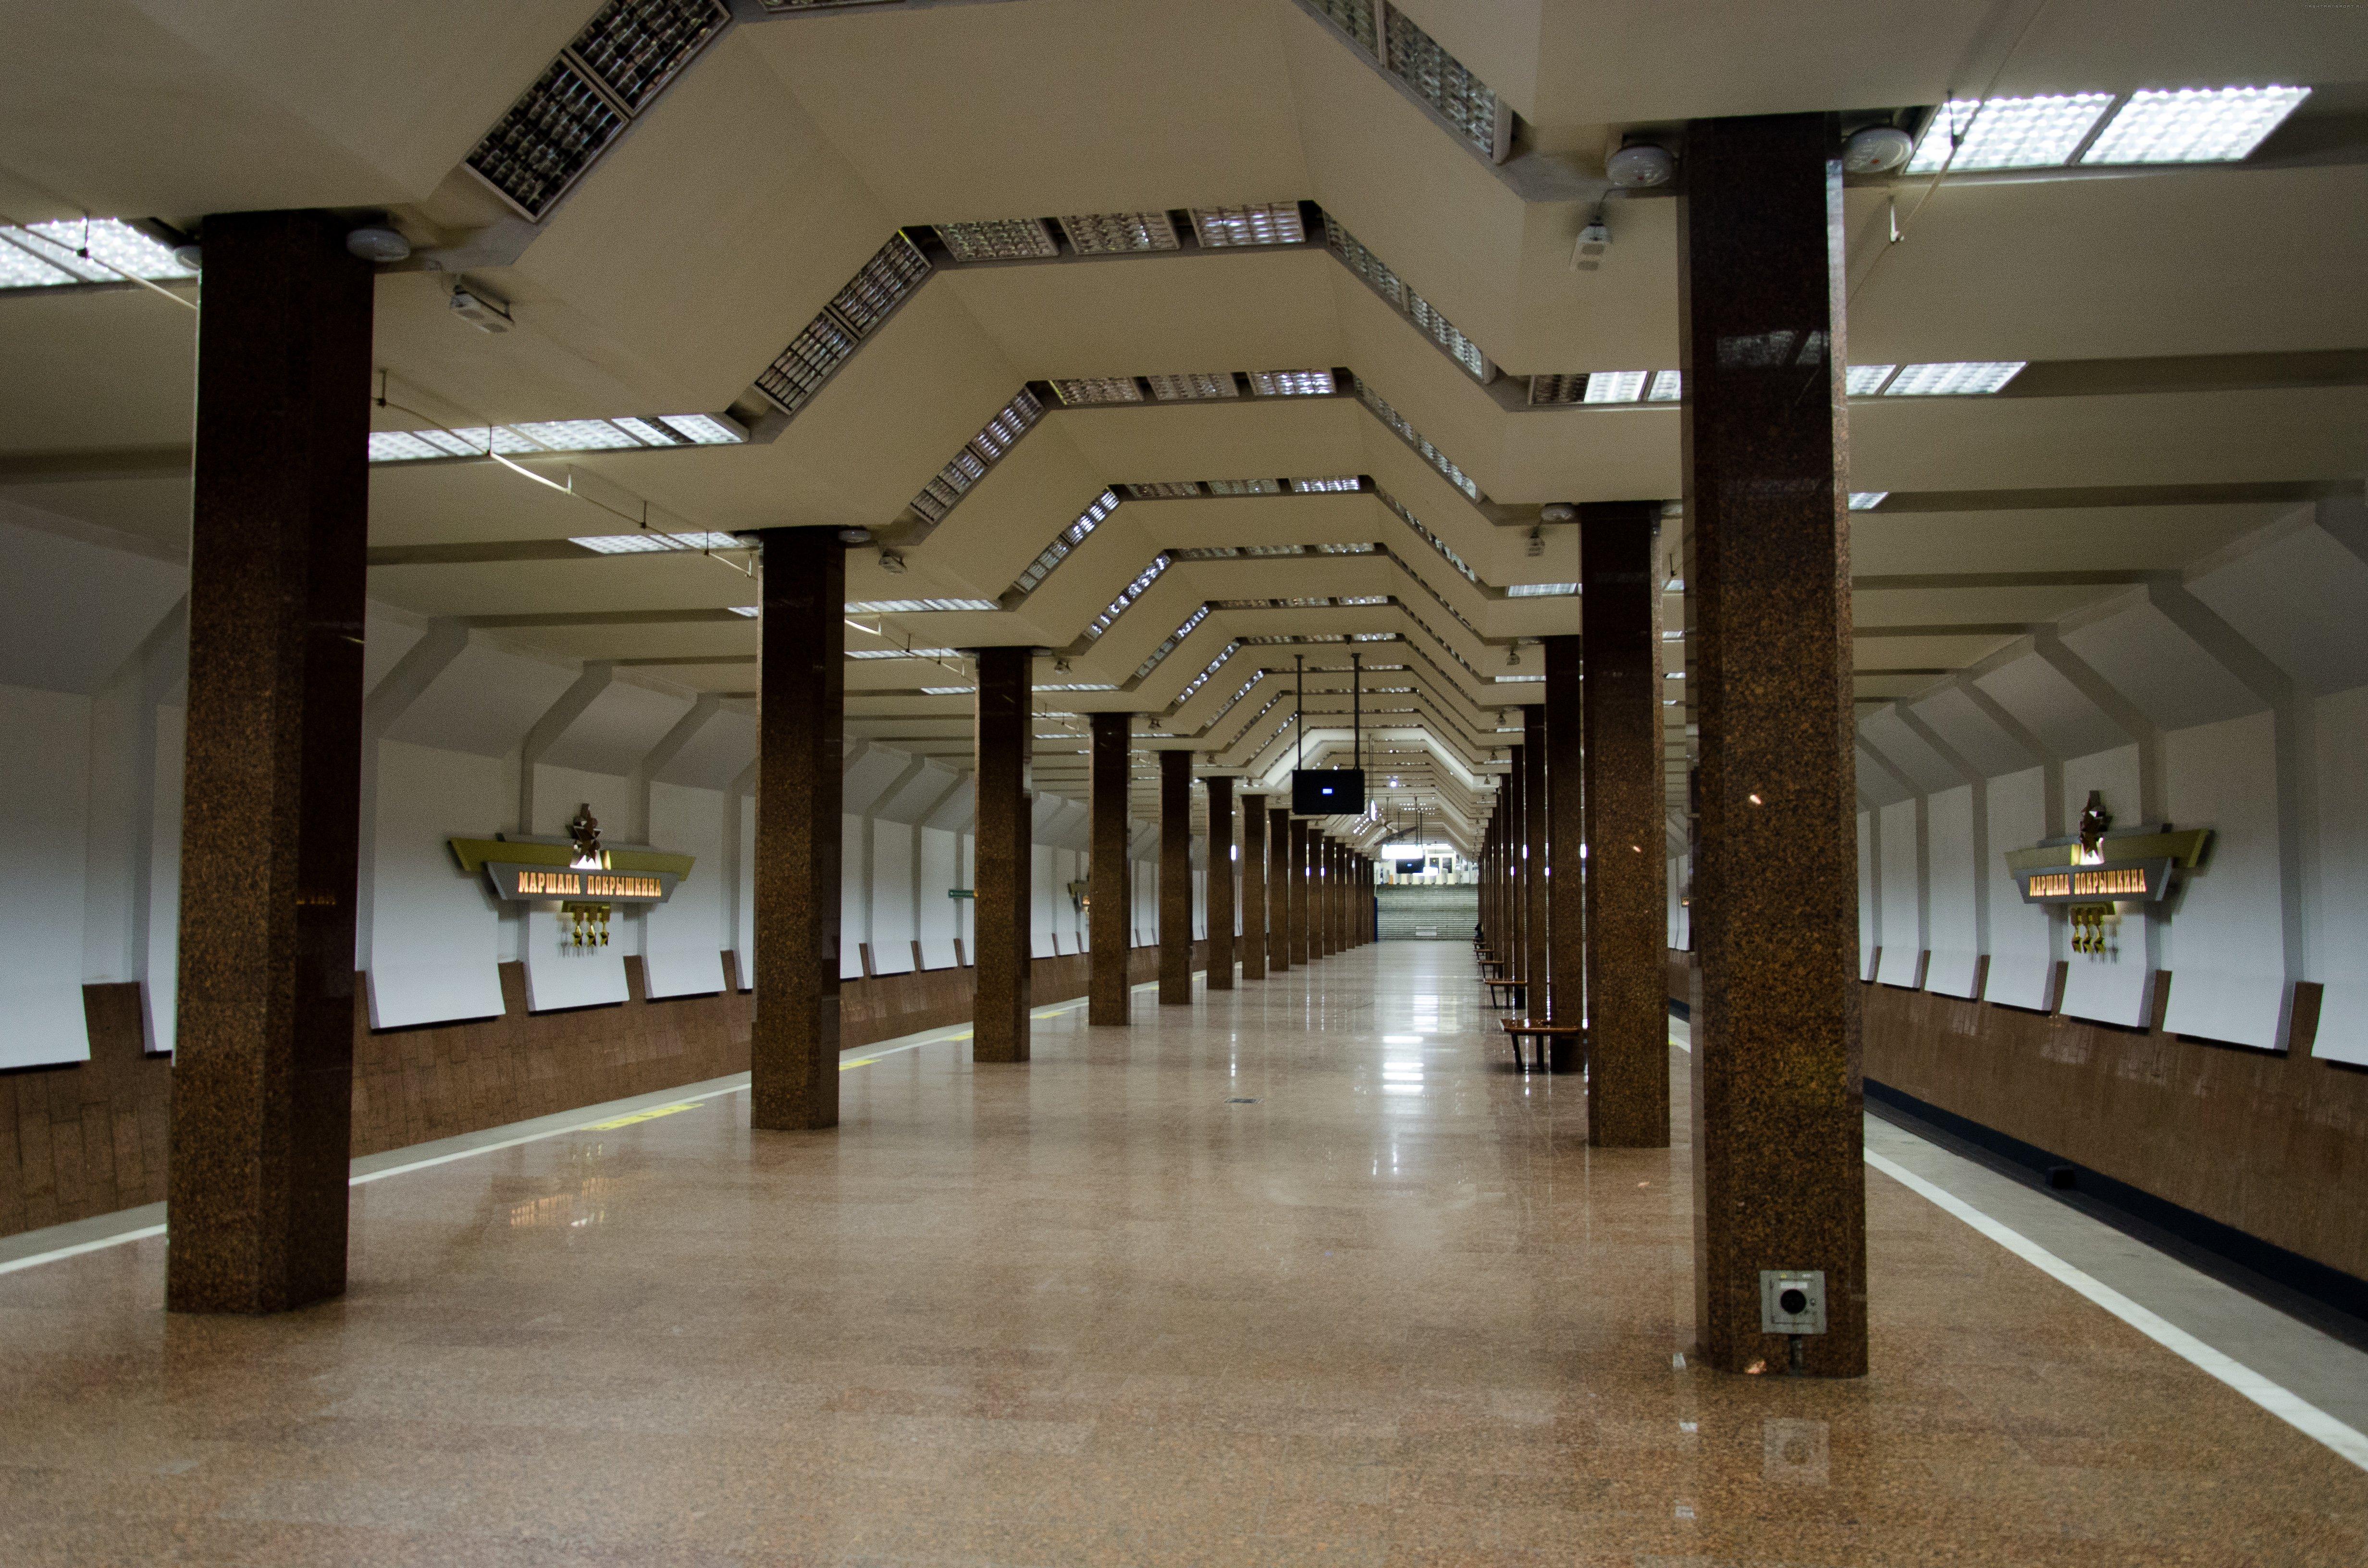 картинки новосибирского метро частенько используют